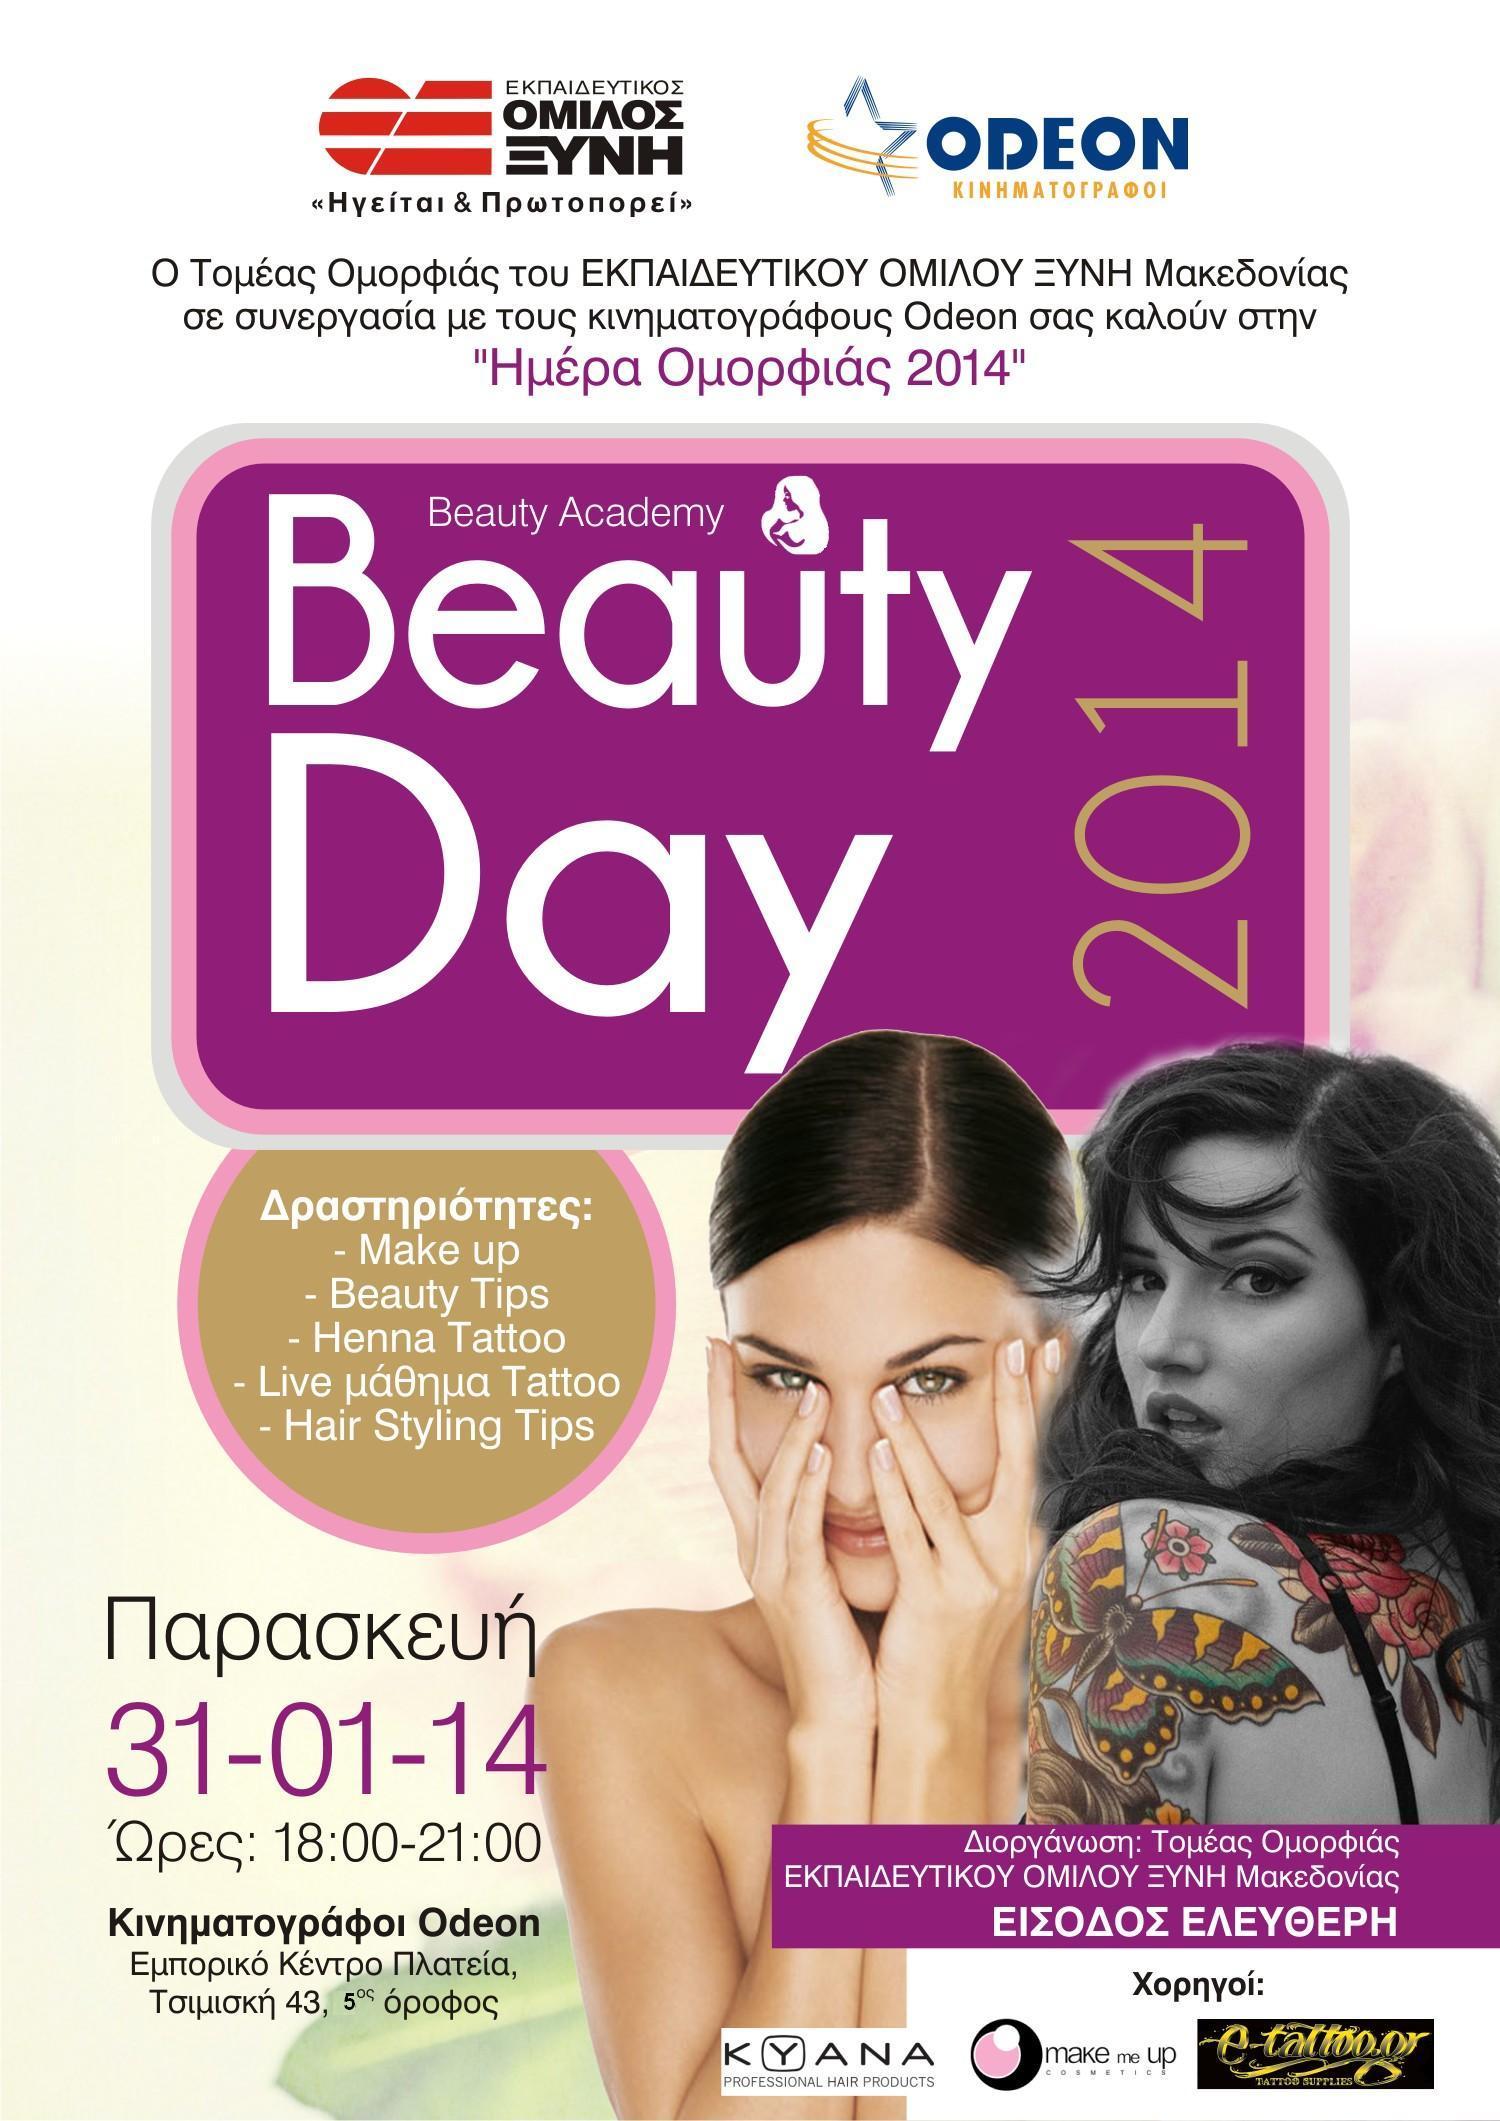 Ημέρα Ομορφιάς 2014